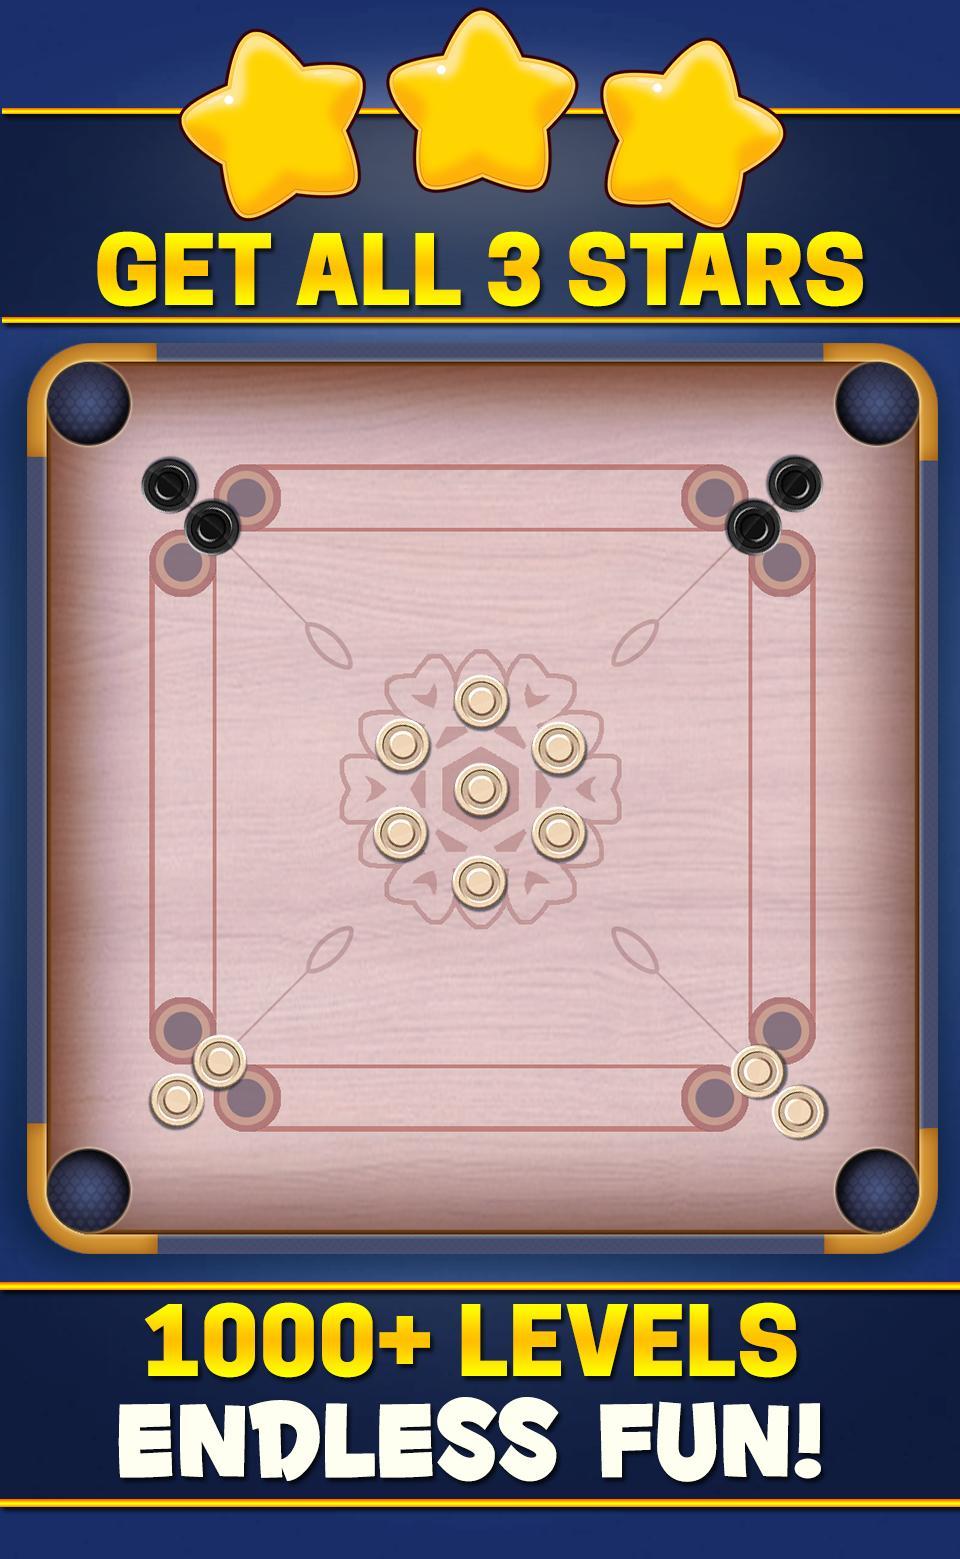 Carrom Club Online : Carrom Board Disc Pool Game 10.3.7 Screenshot 7